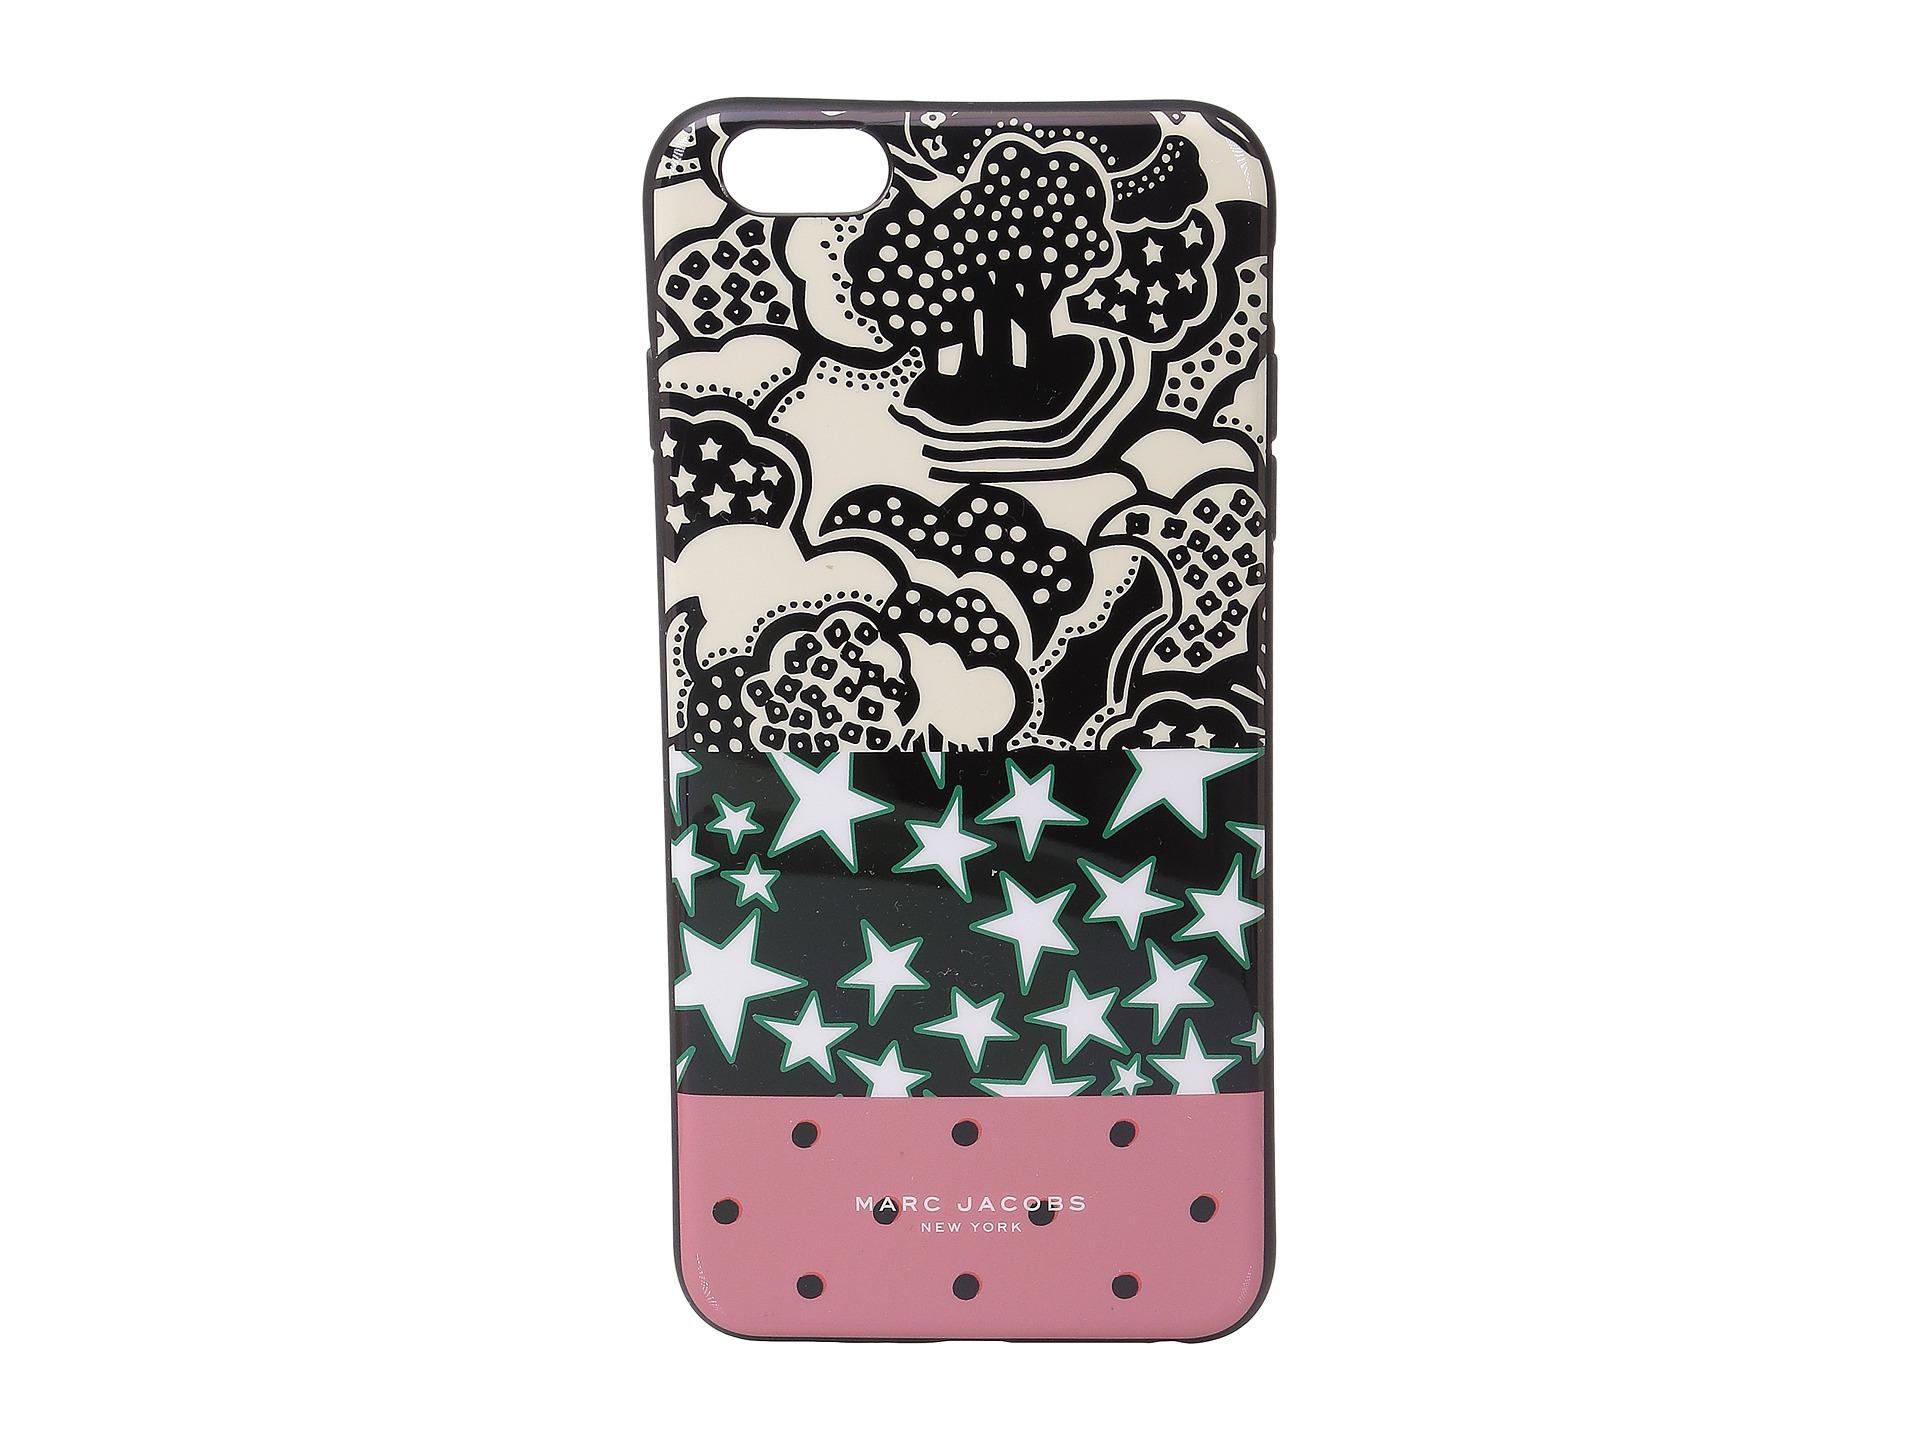 hot sale online 06ffd 51da4 Marc Jacobs Black Phone Cases Landscape Iphone 6s Plus Case